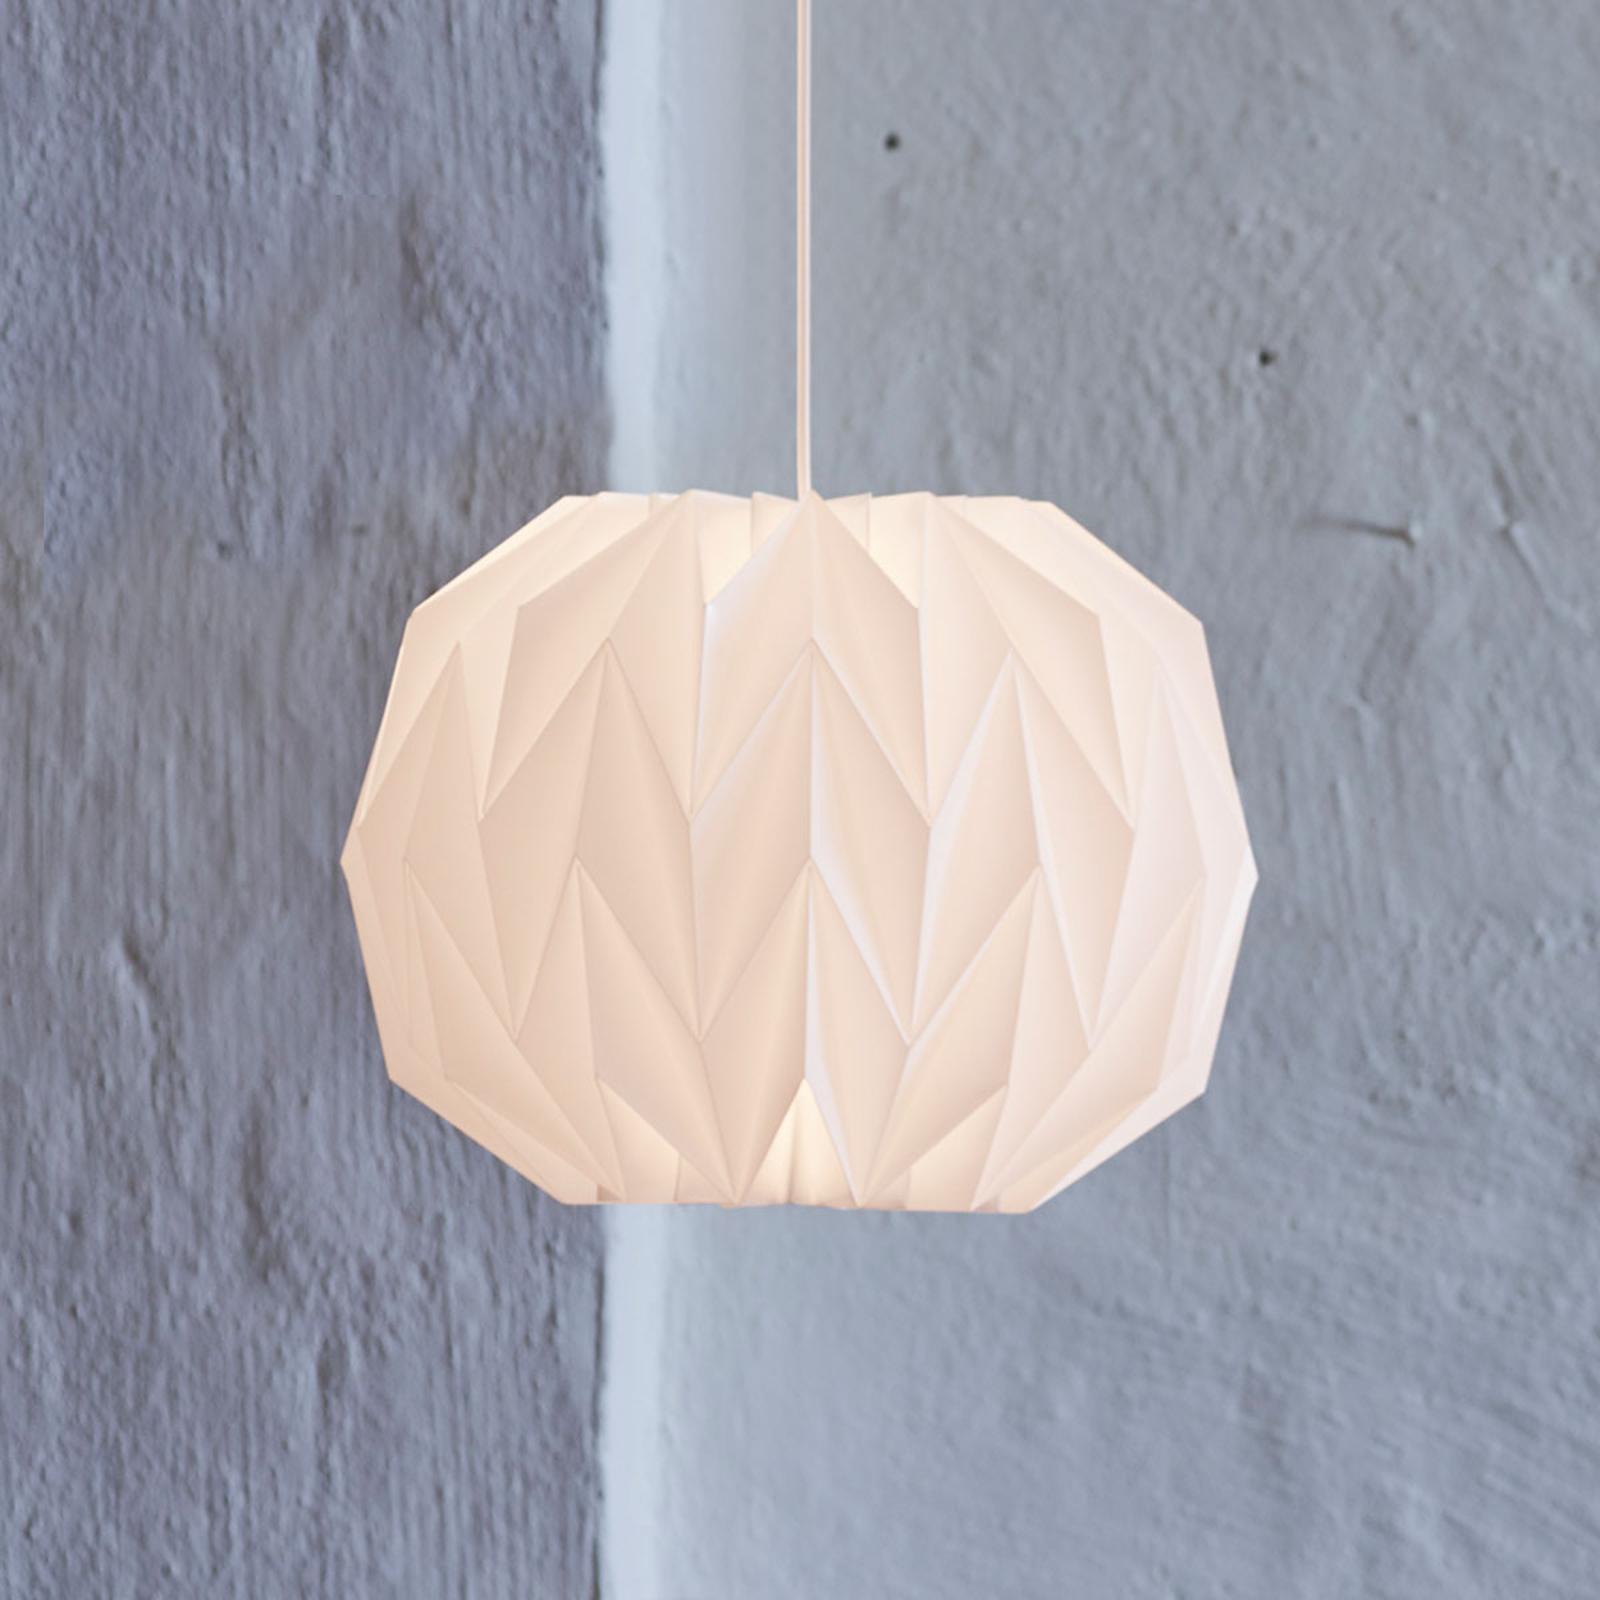 LE KLINT 157 Small ručně skládané závěsné světlo